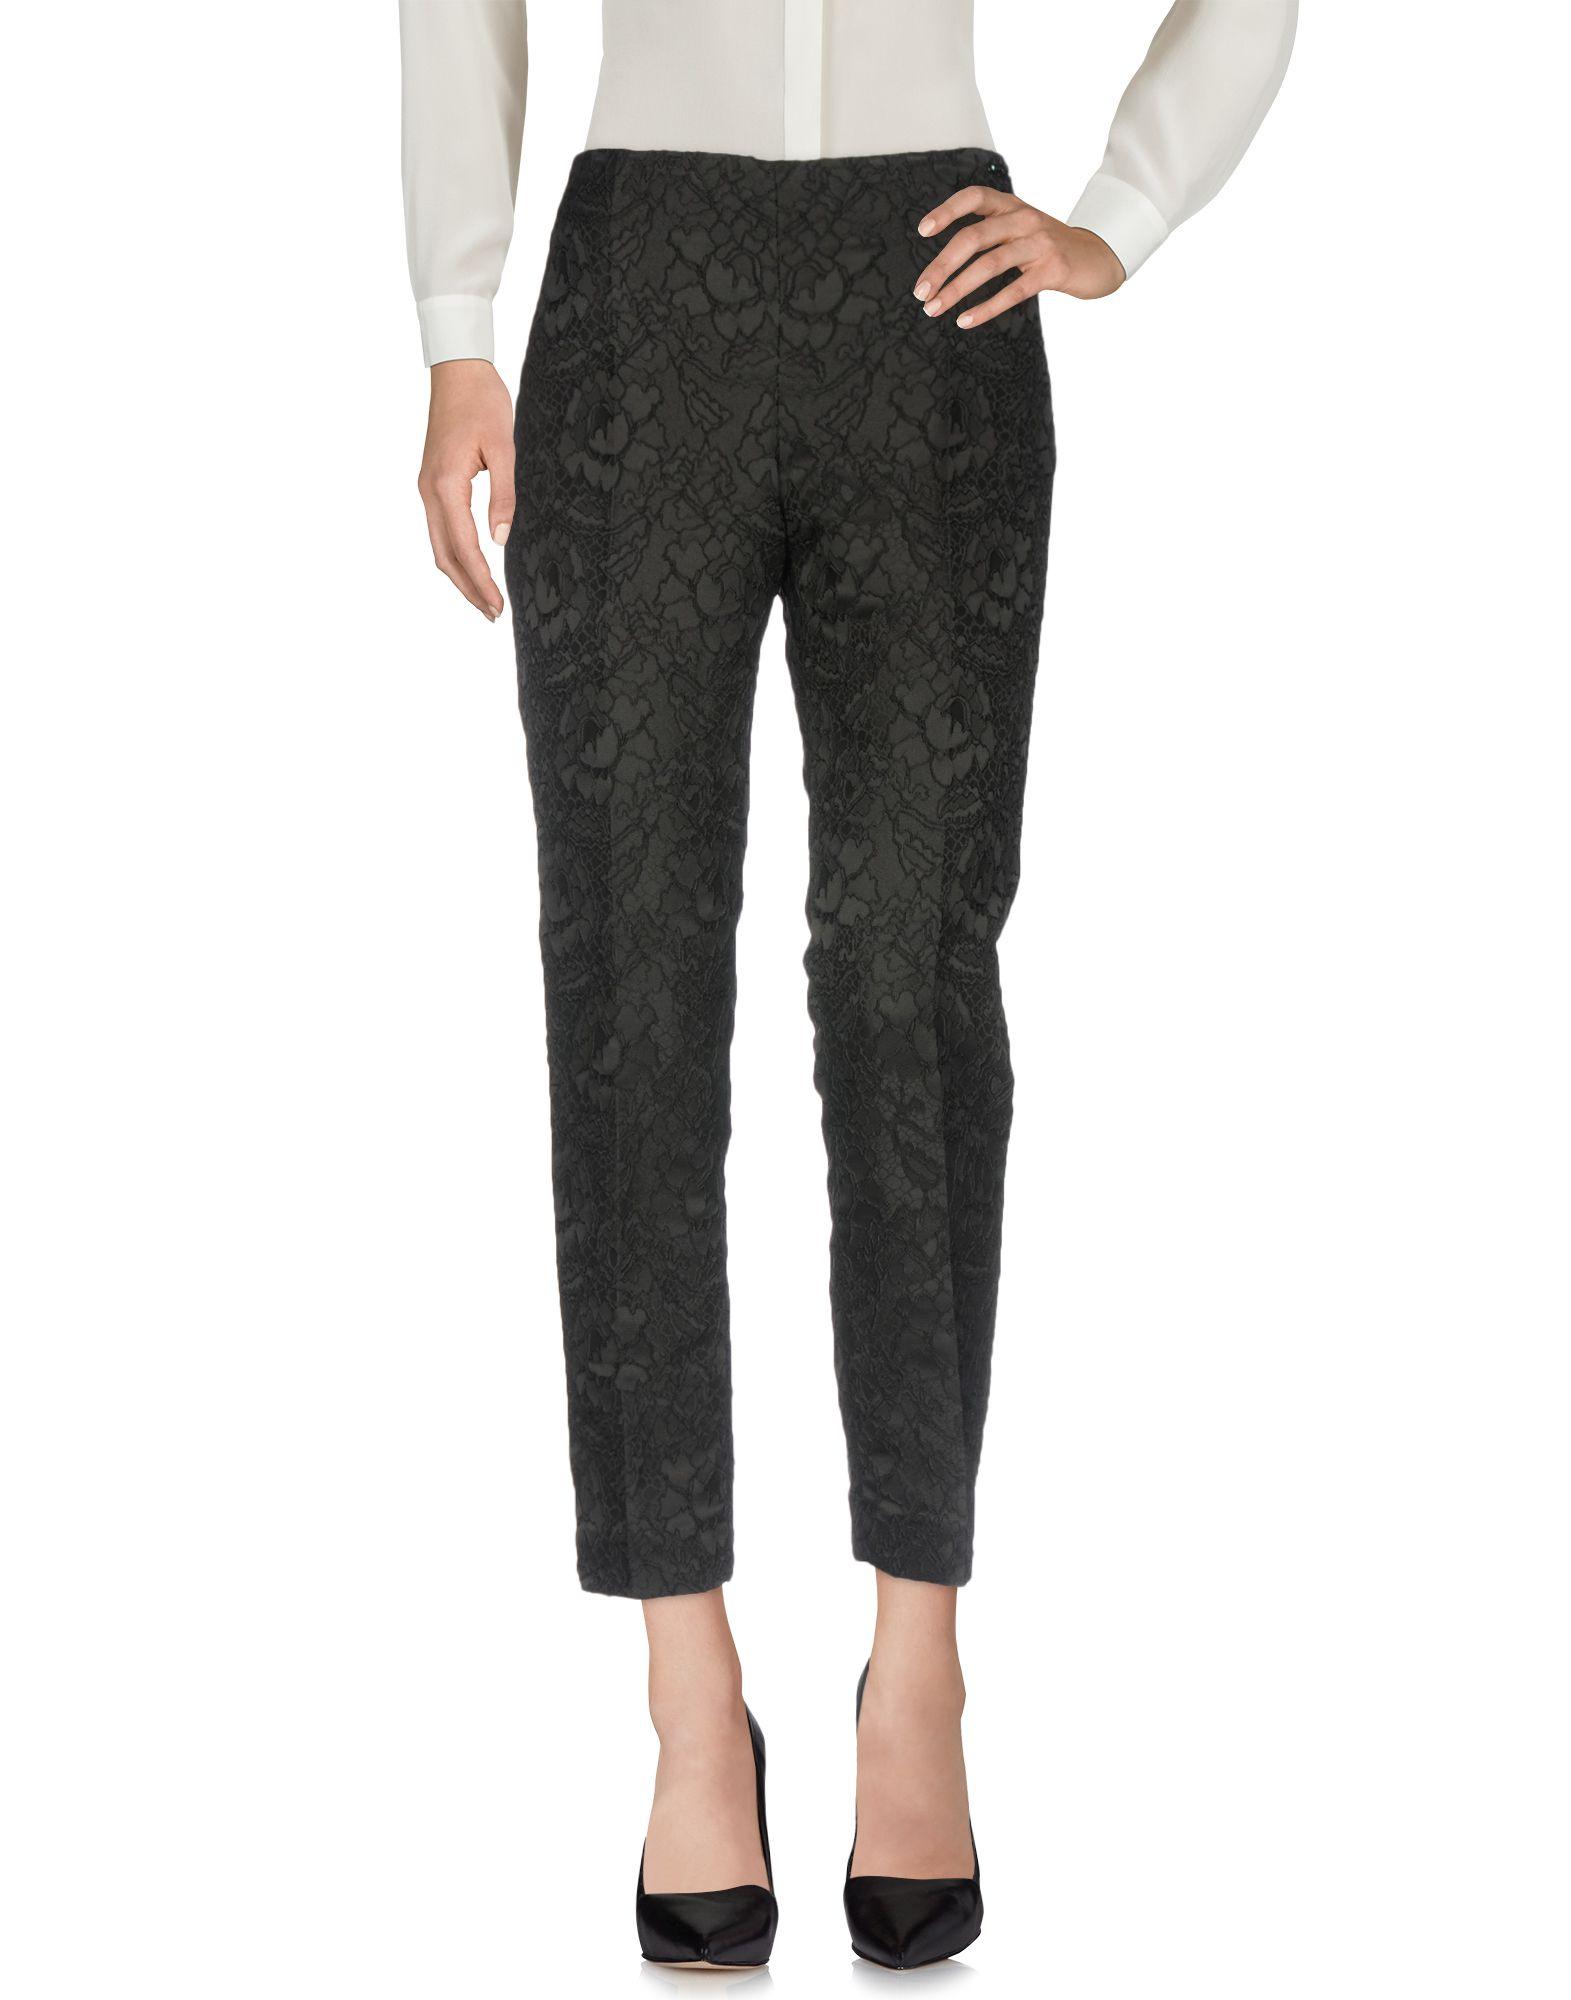 VDP COLLECTION Повседневные брюки playboy vip collection повседневные брюки мужские девятки брюки тонкие тонкие фитинги прямые брюки 1904 черный 34